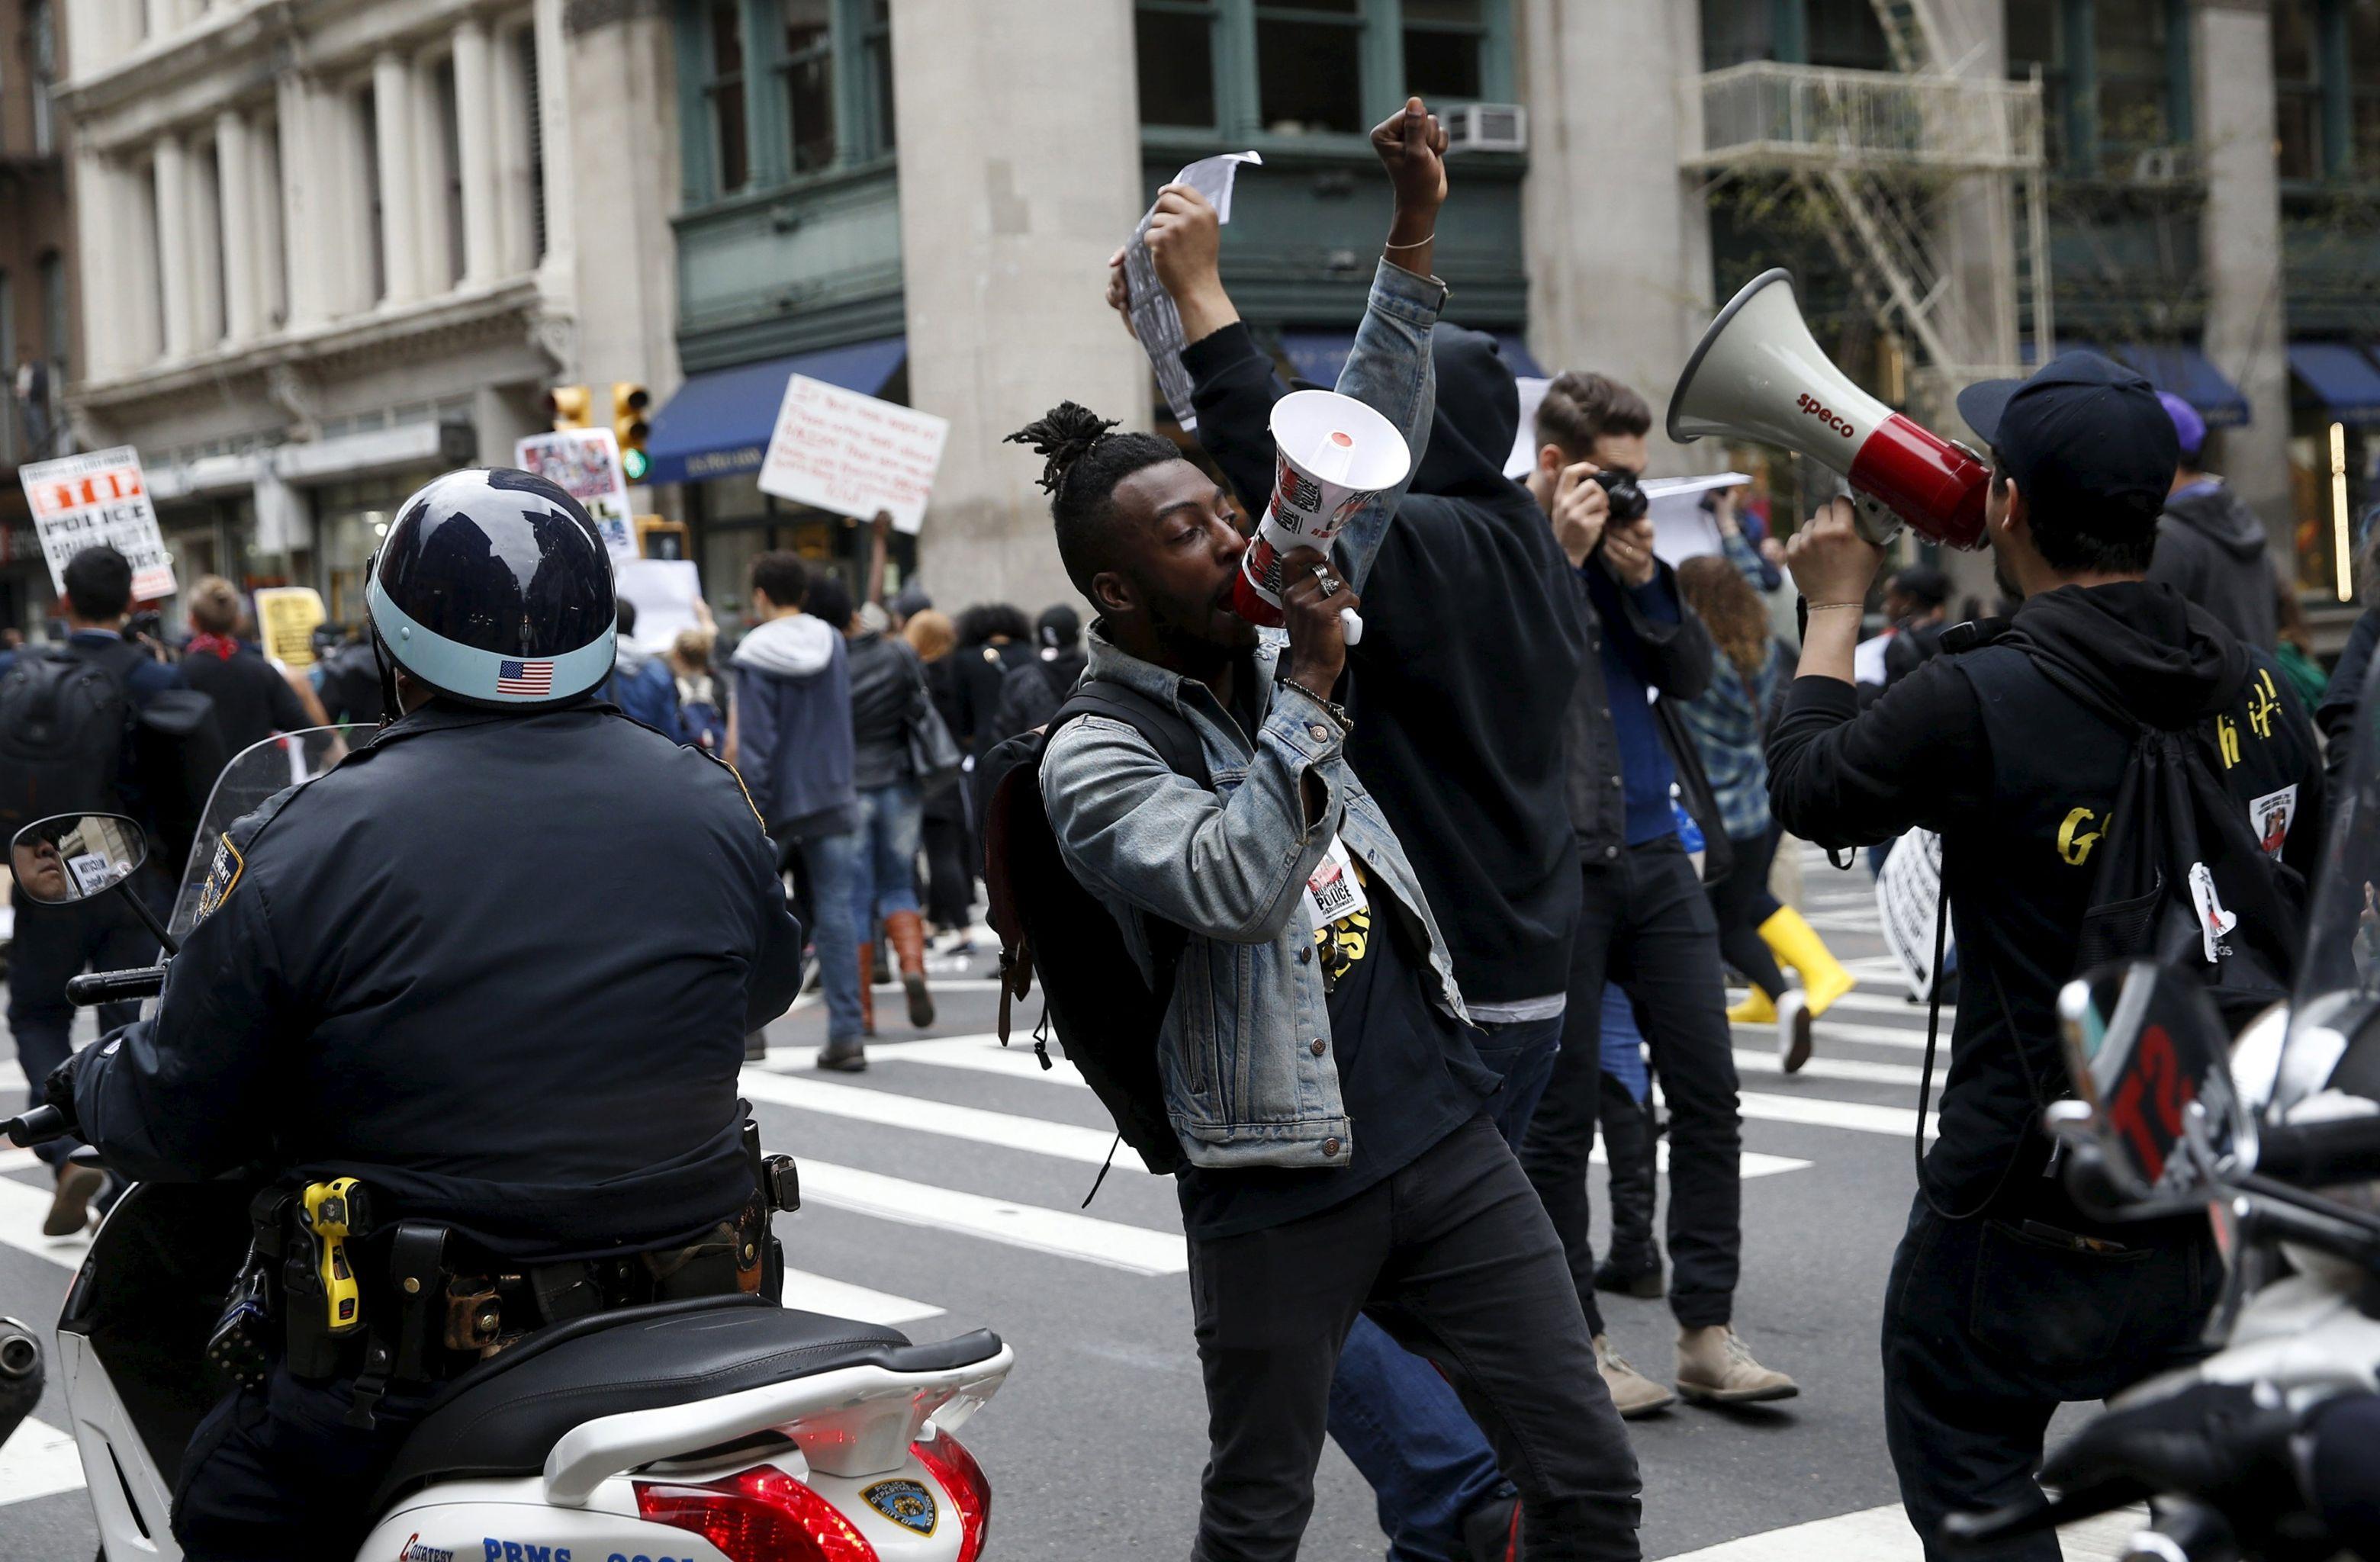 Le minoranze di New York protestano contro la crudelta` poliziesca